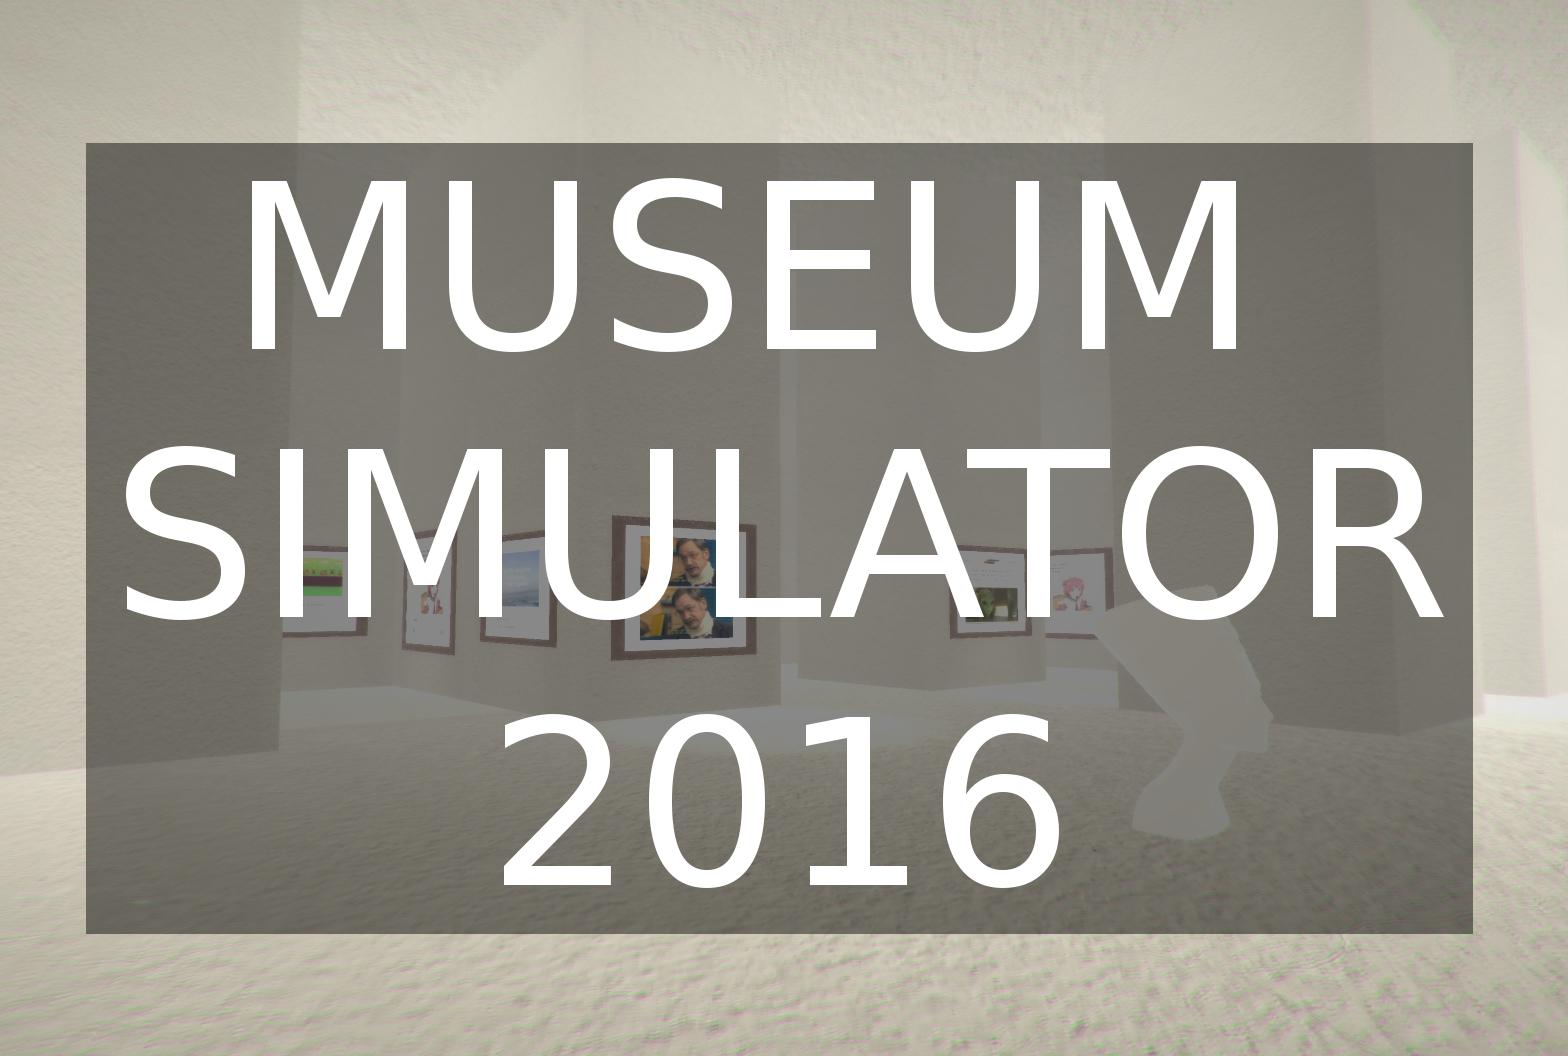 Museum Simulator 2016